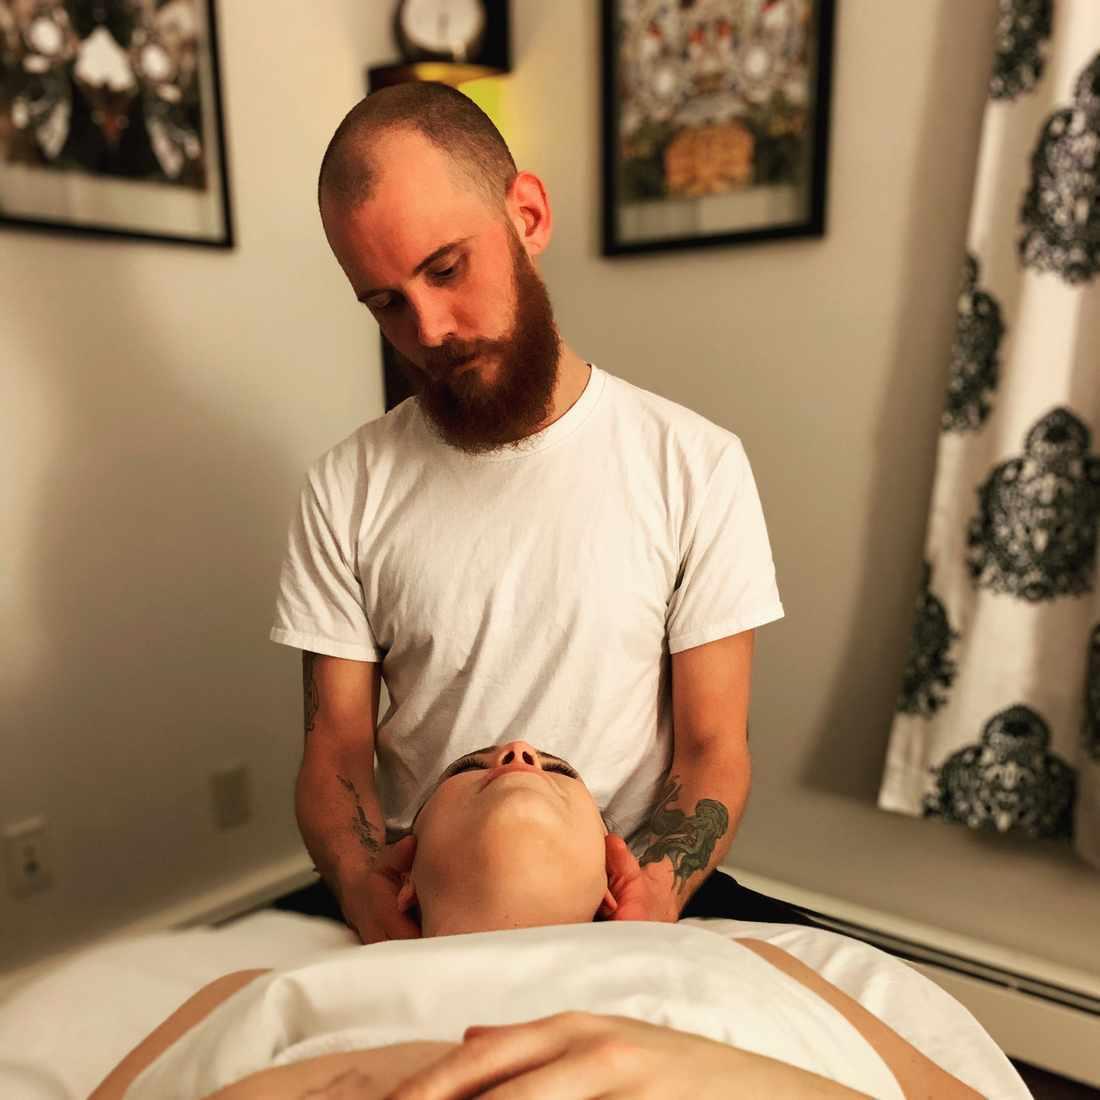 Massage by Bryan